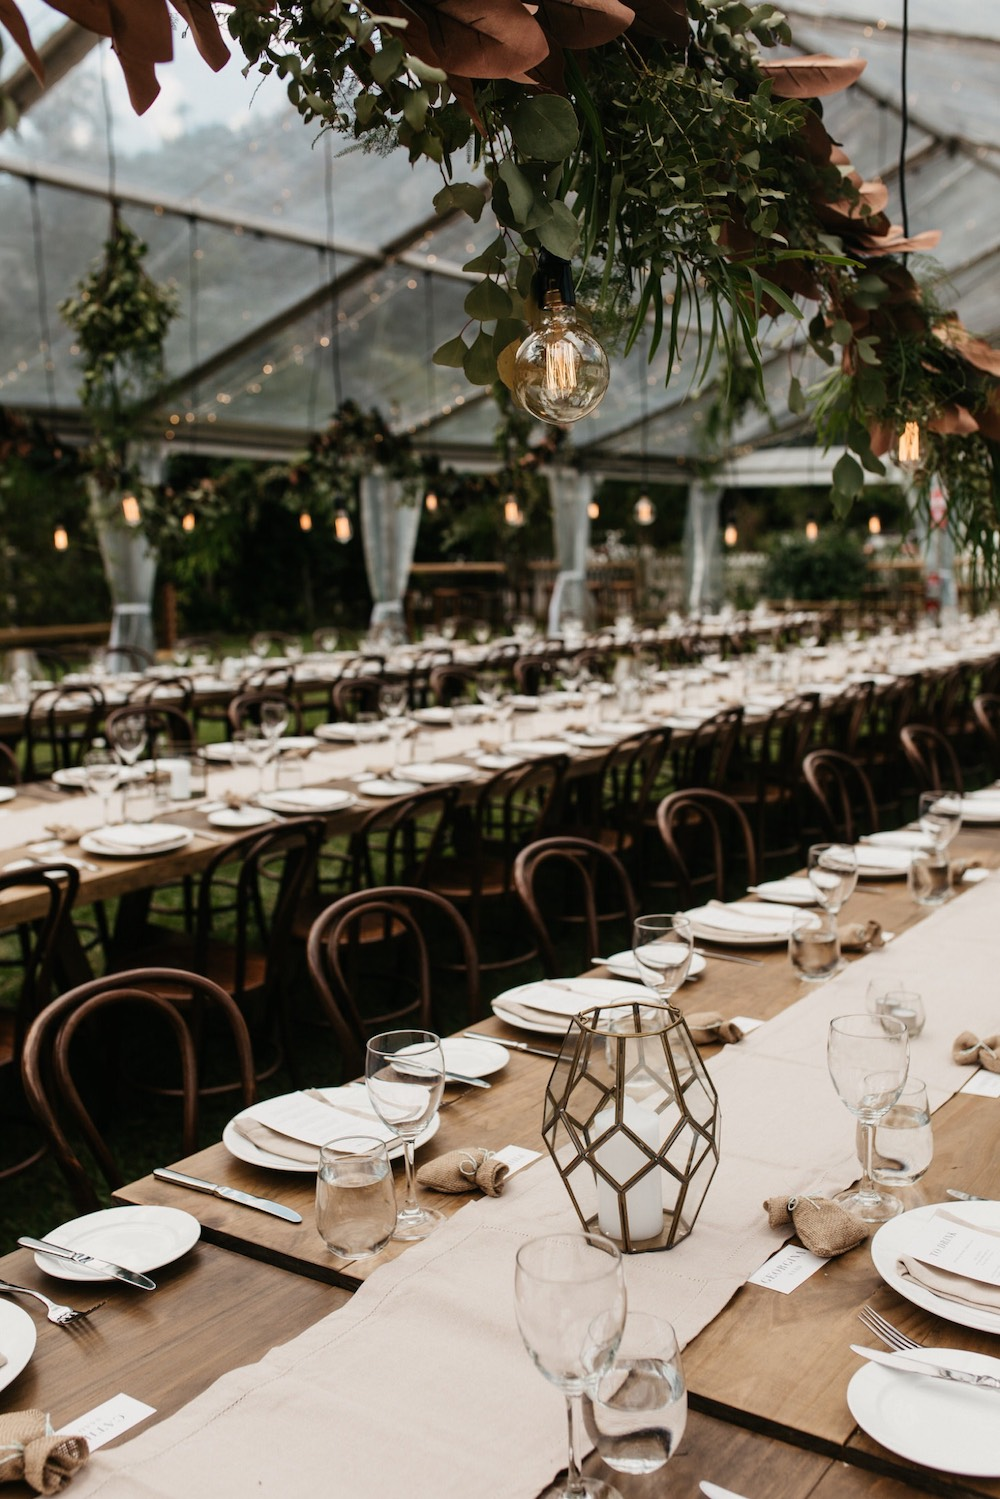 Marquee Wedding Styling Ideas Earthy Neutrals6.jpg